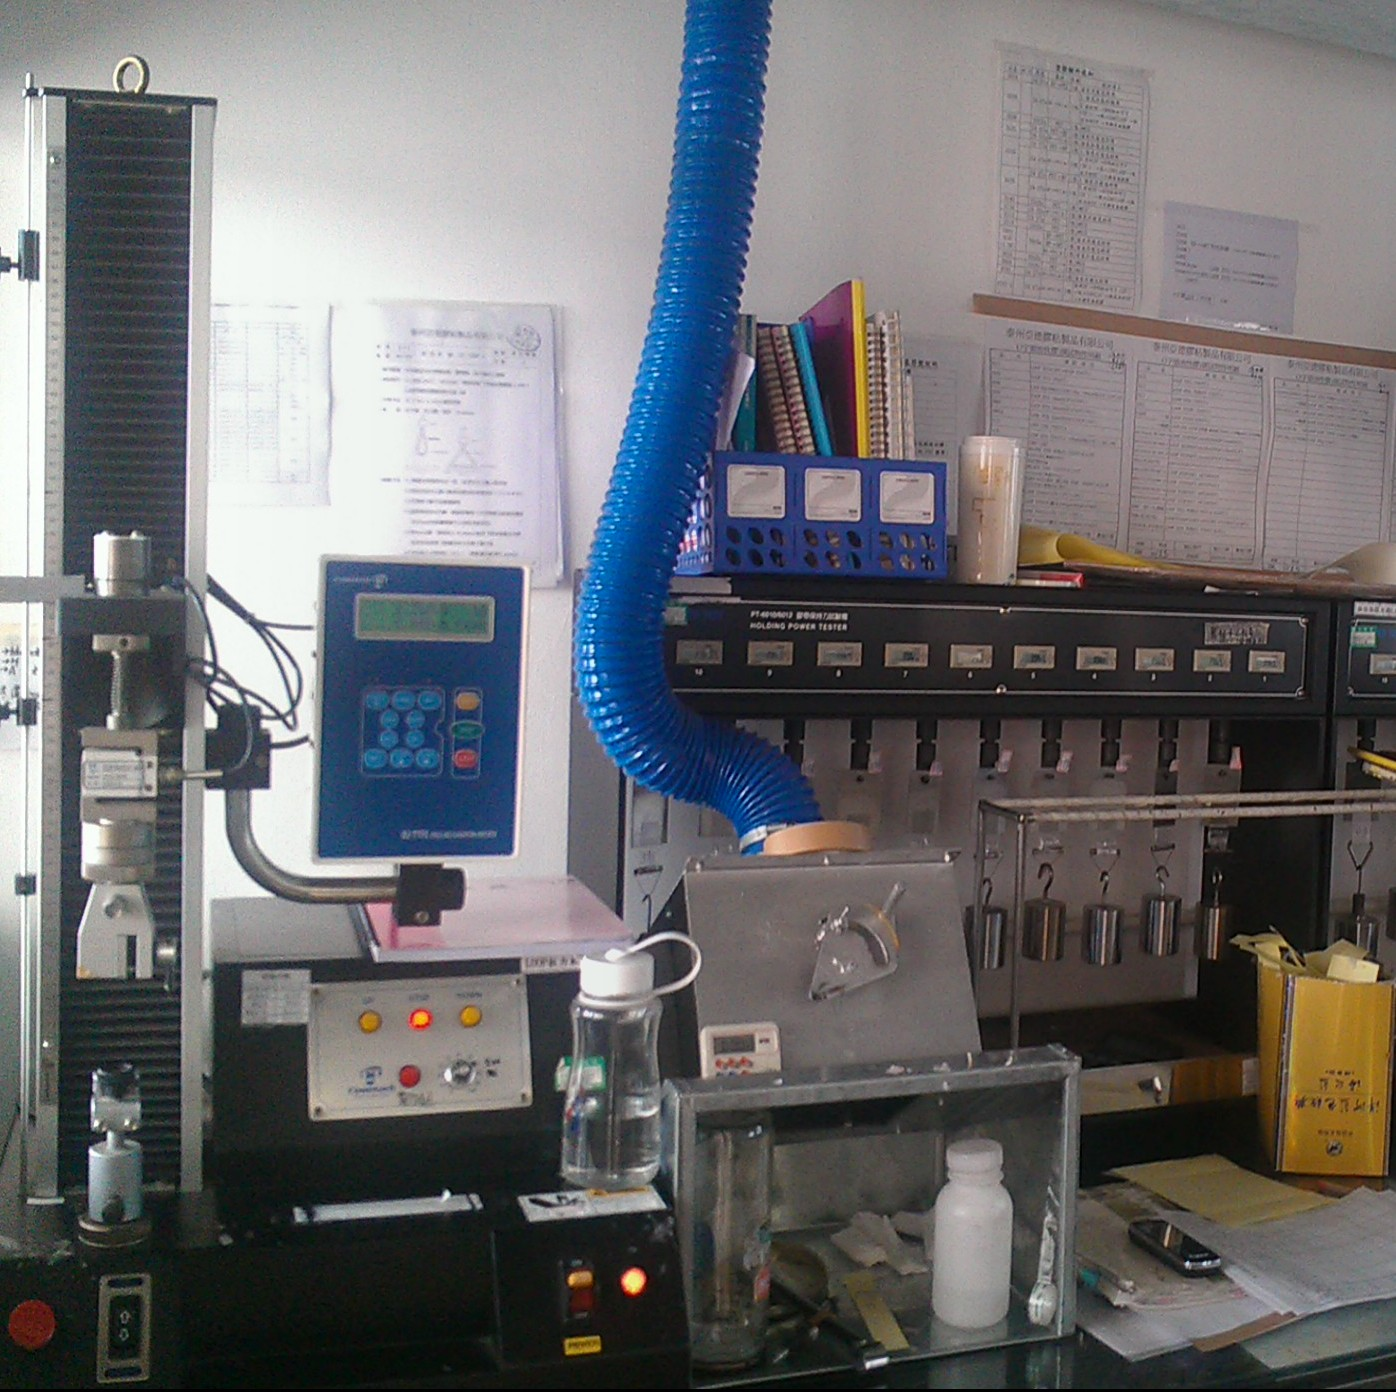 OEMИ индивидуальные оконная пленка с нашей лабораторной поддержкой.